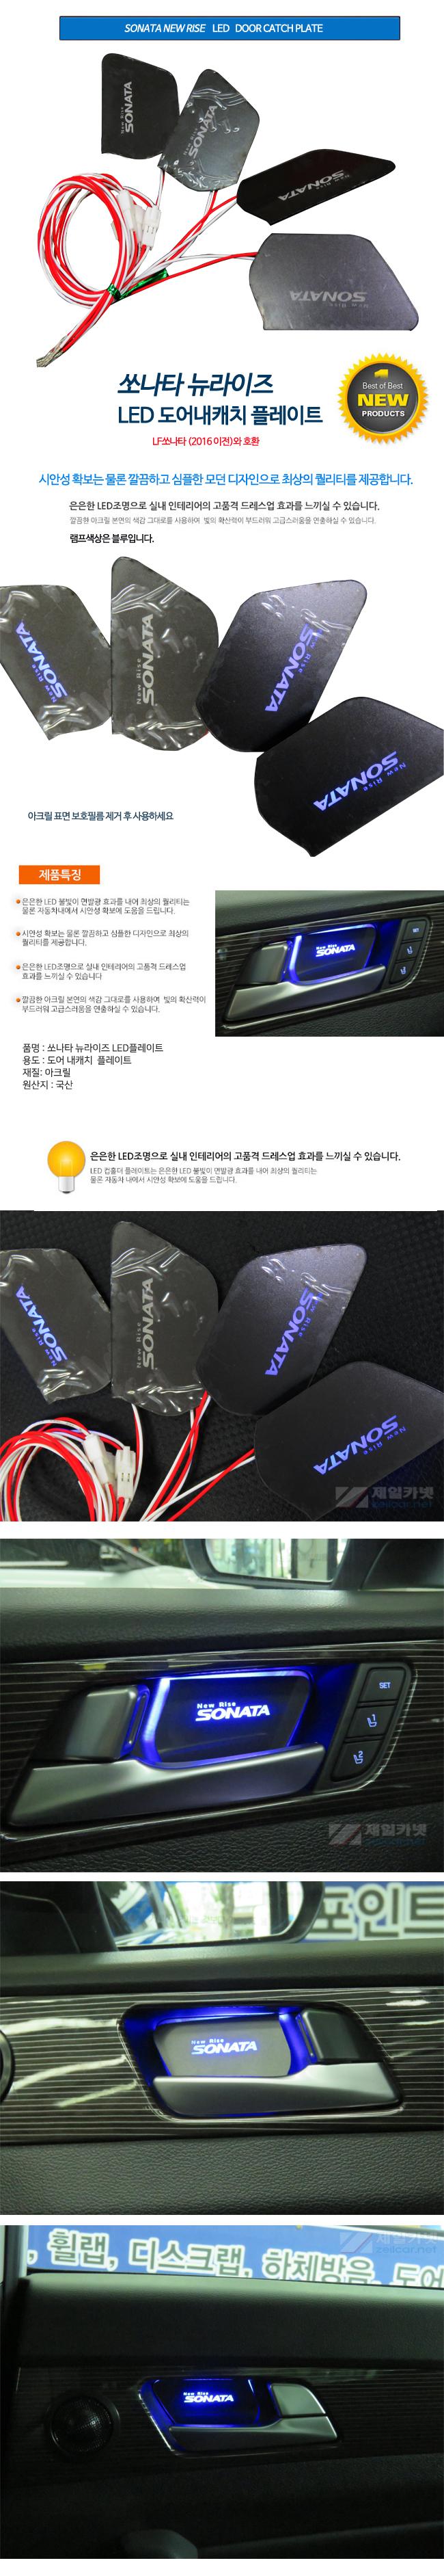 [ZiB2B] LF소나타(2014) 전용 LED 도어내캐치 플레이트,인사이드 도어캐치 몰드(4p) [Zi0903]